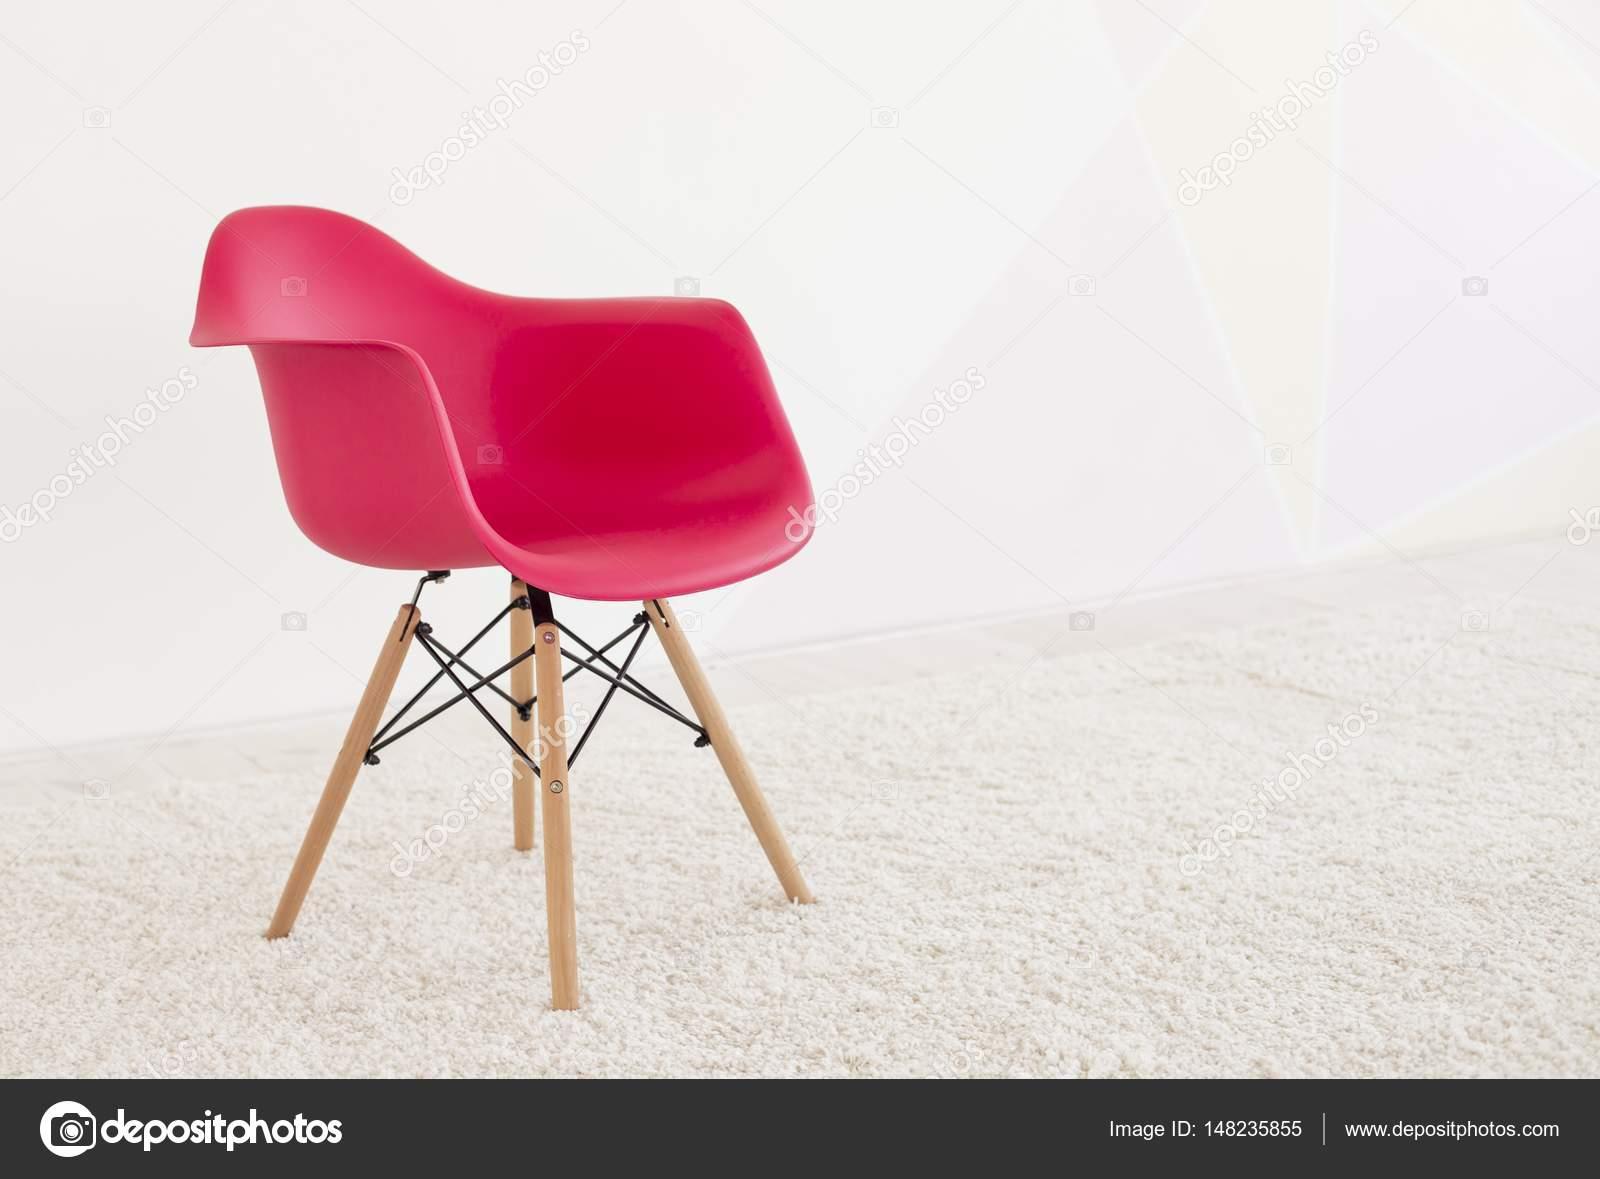 Rote Farbe Stuhl, Moderne Designer Stuhl. Reihe Von Möbeln U2014 Stockfoto